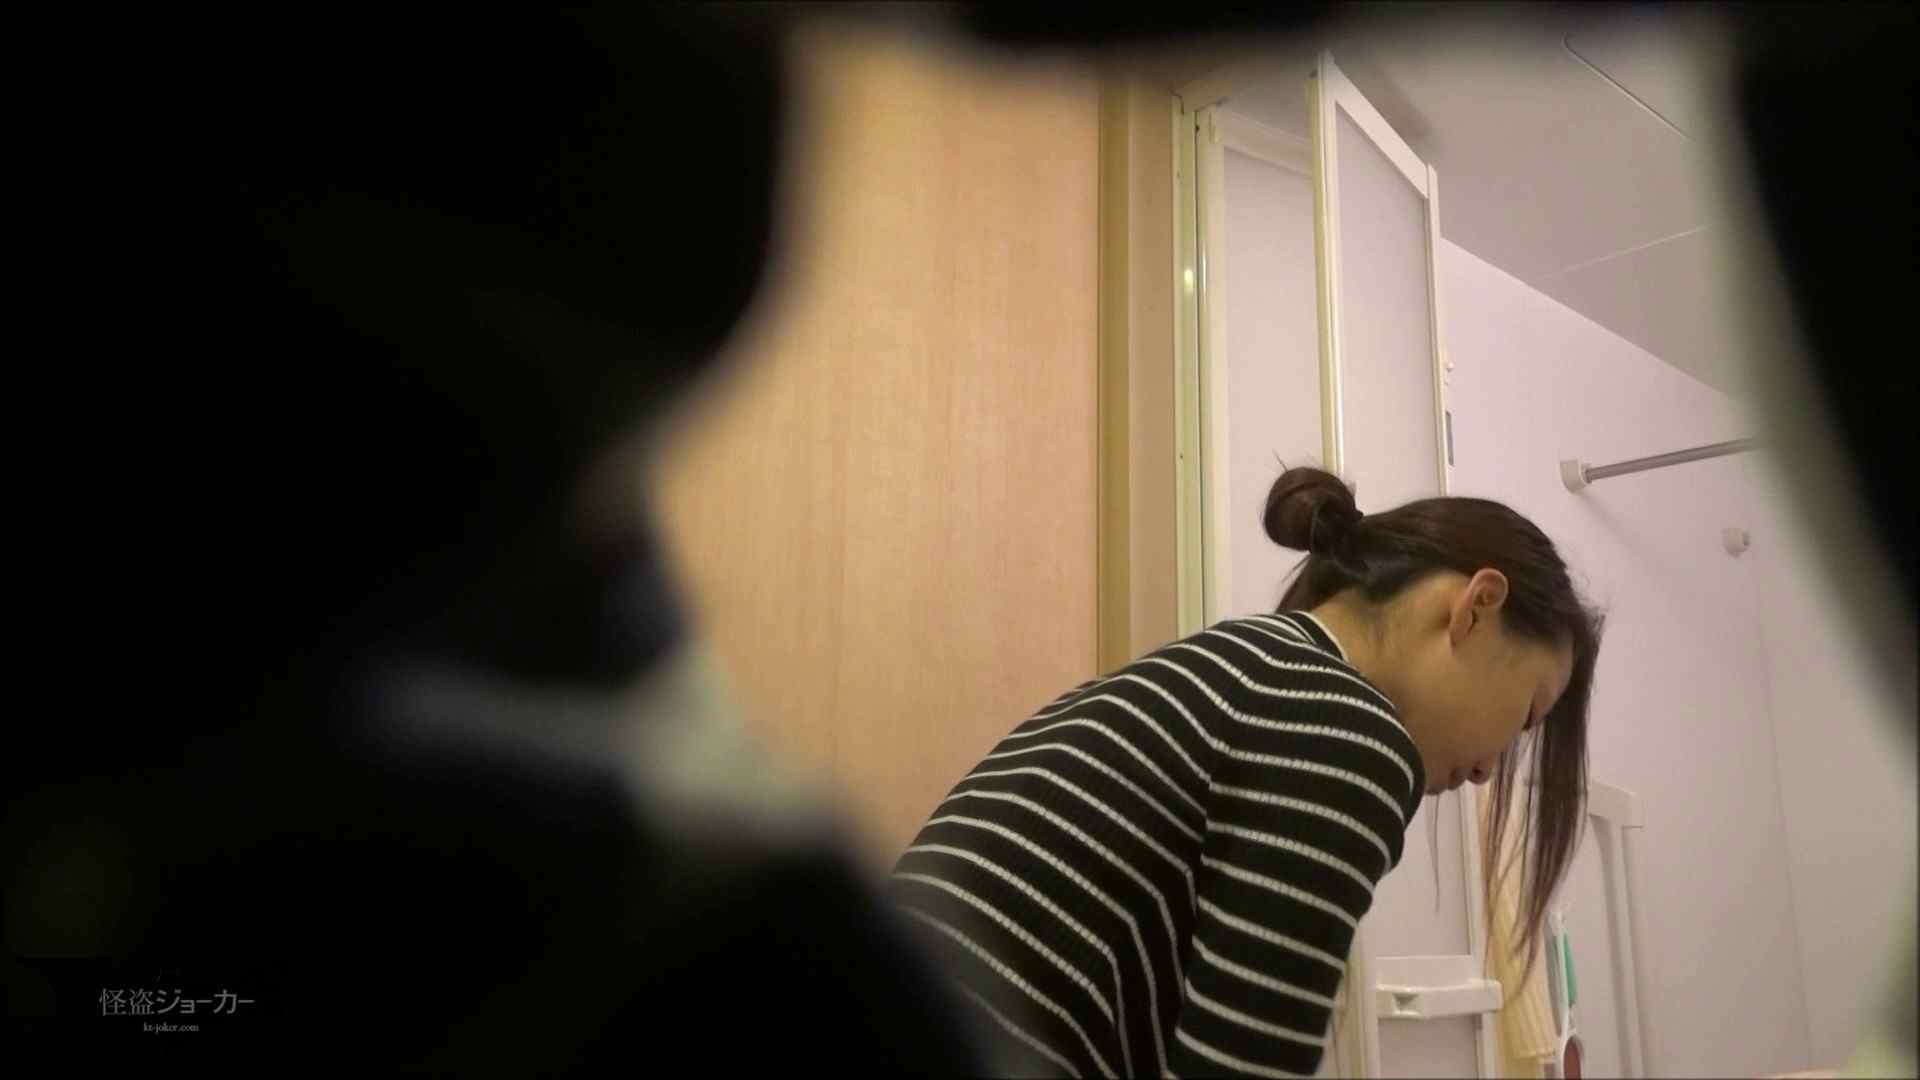 【未公開】vol.105 {爆乳女子と貧乳女子}カナミ&マリ【前編】 人気シリーズ ワレメ無修正動画無料 49画像 38